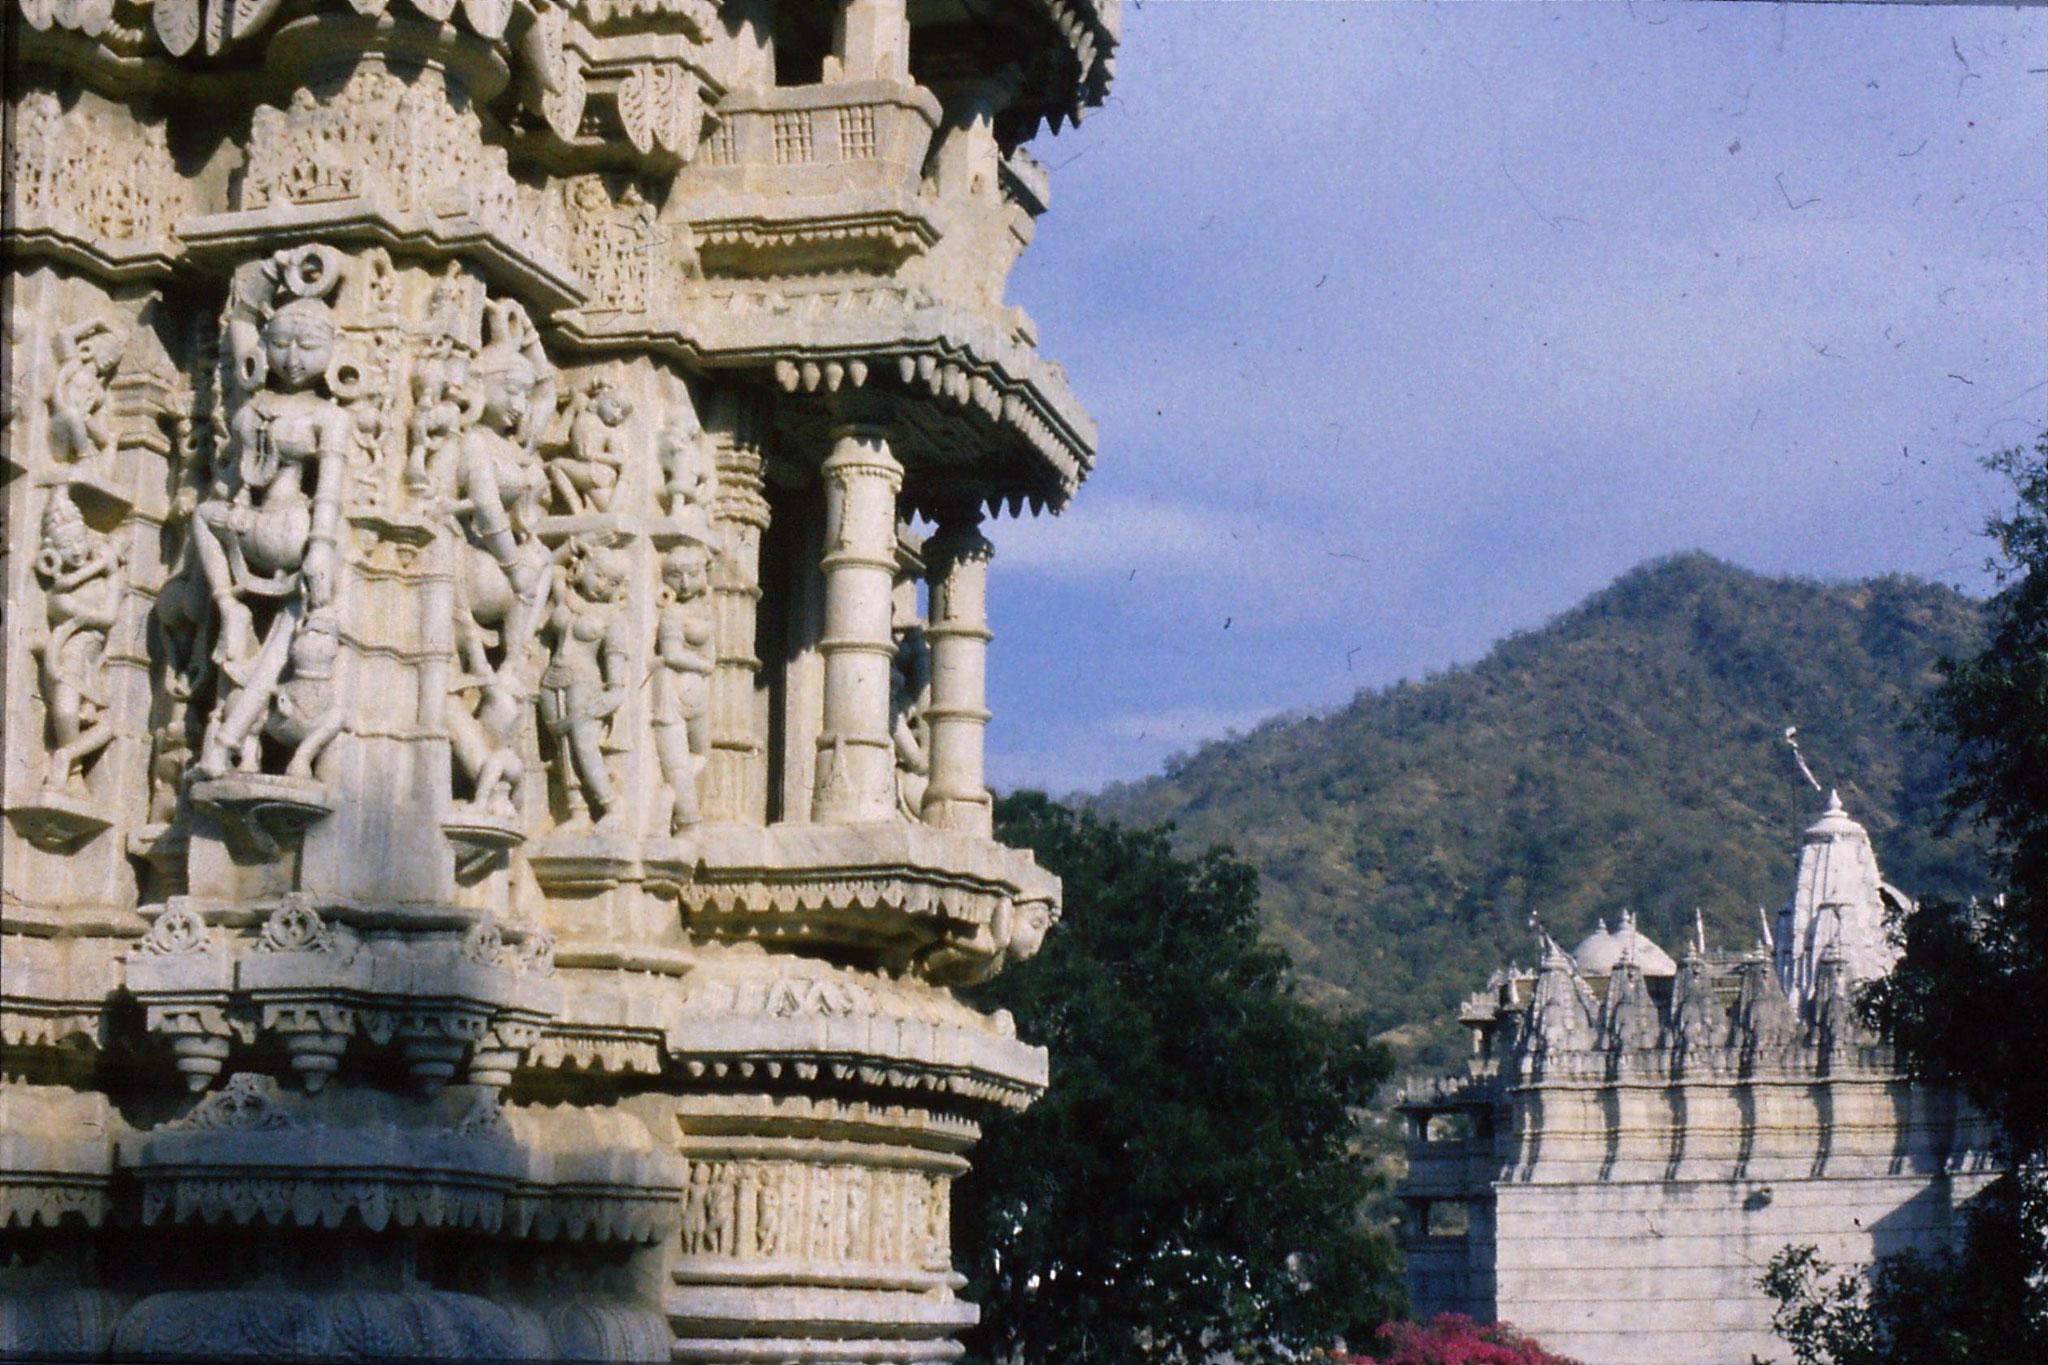 6/12/1989: 20: Ranakpur Jain temple